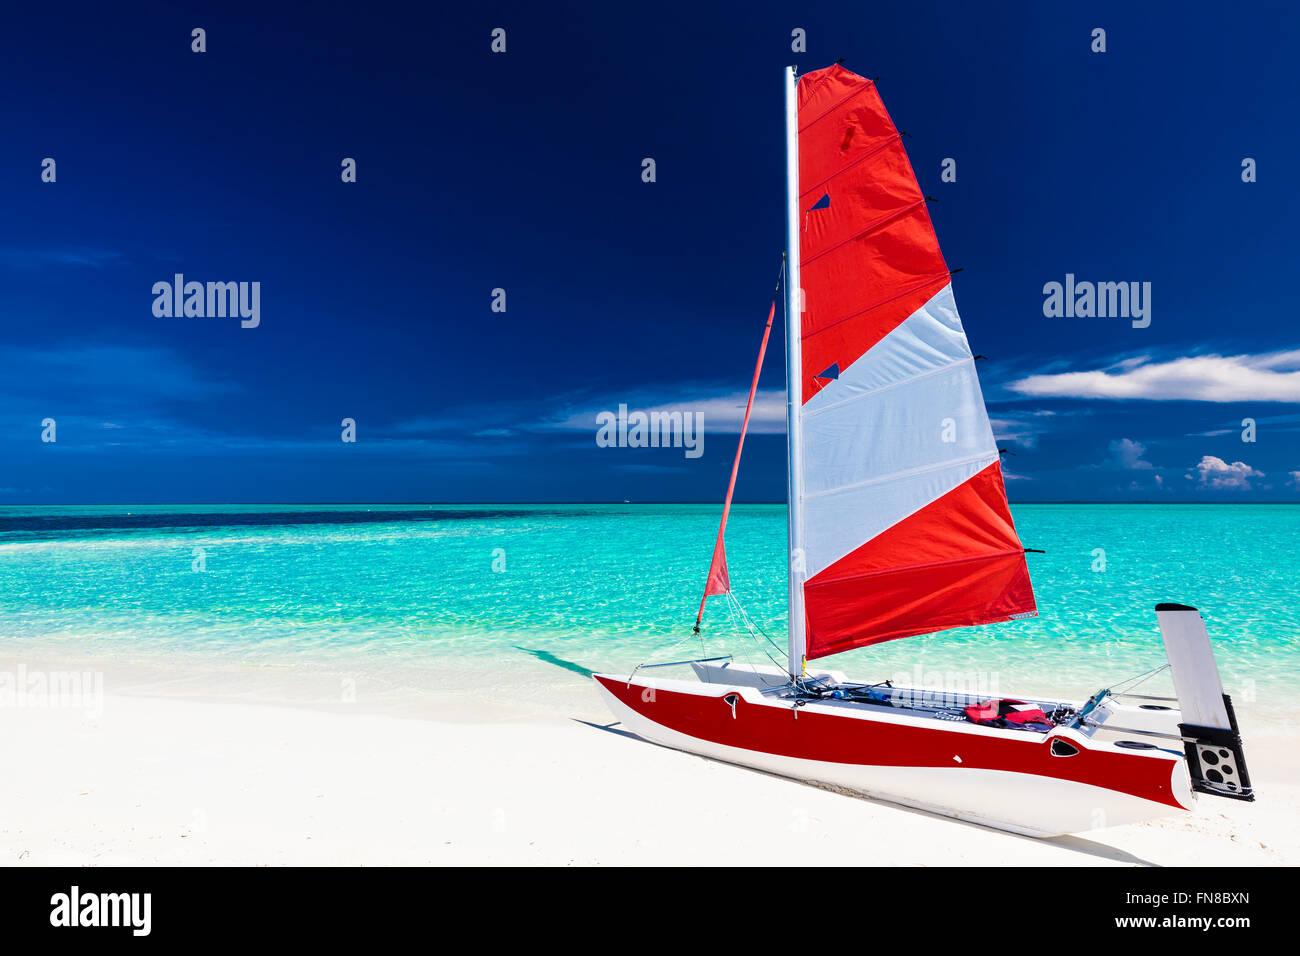 Velero con Red Sail en una playa de isla desierta con poca agua azul Imagen De Stock